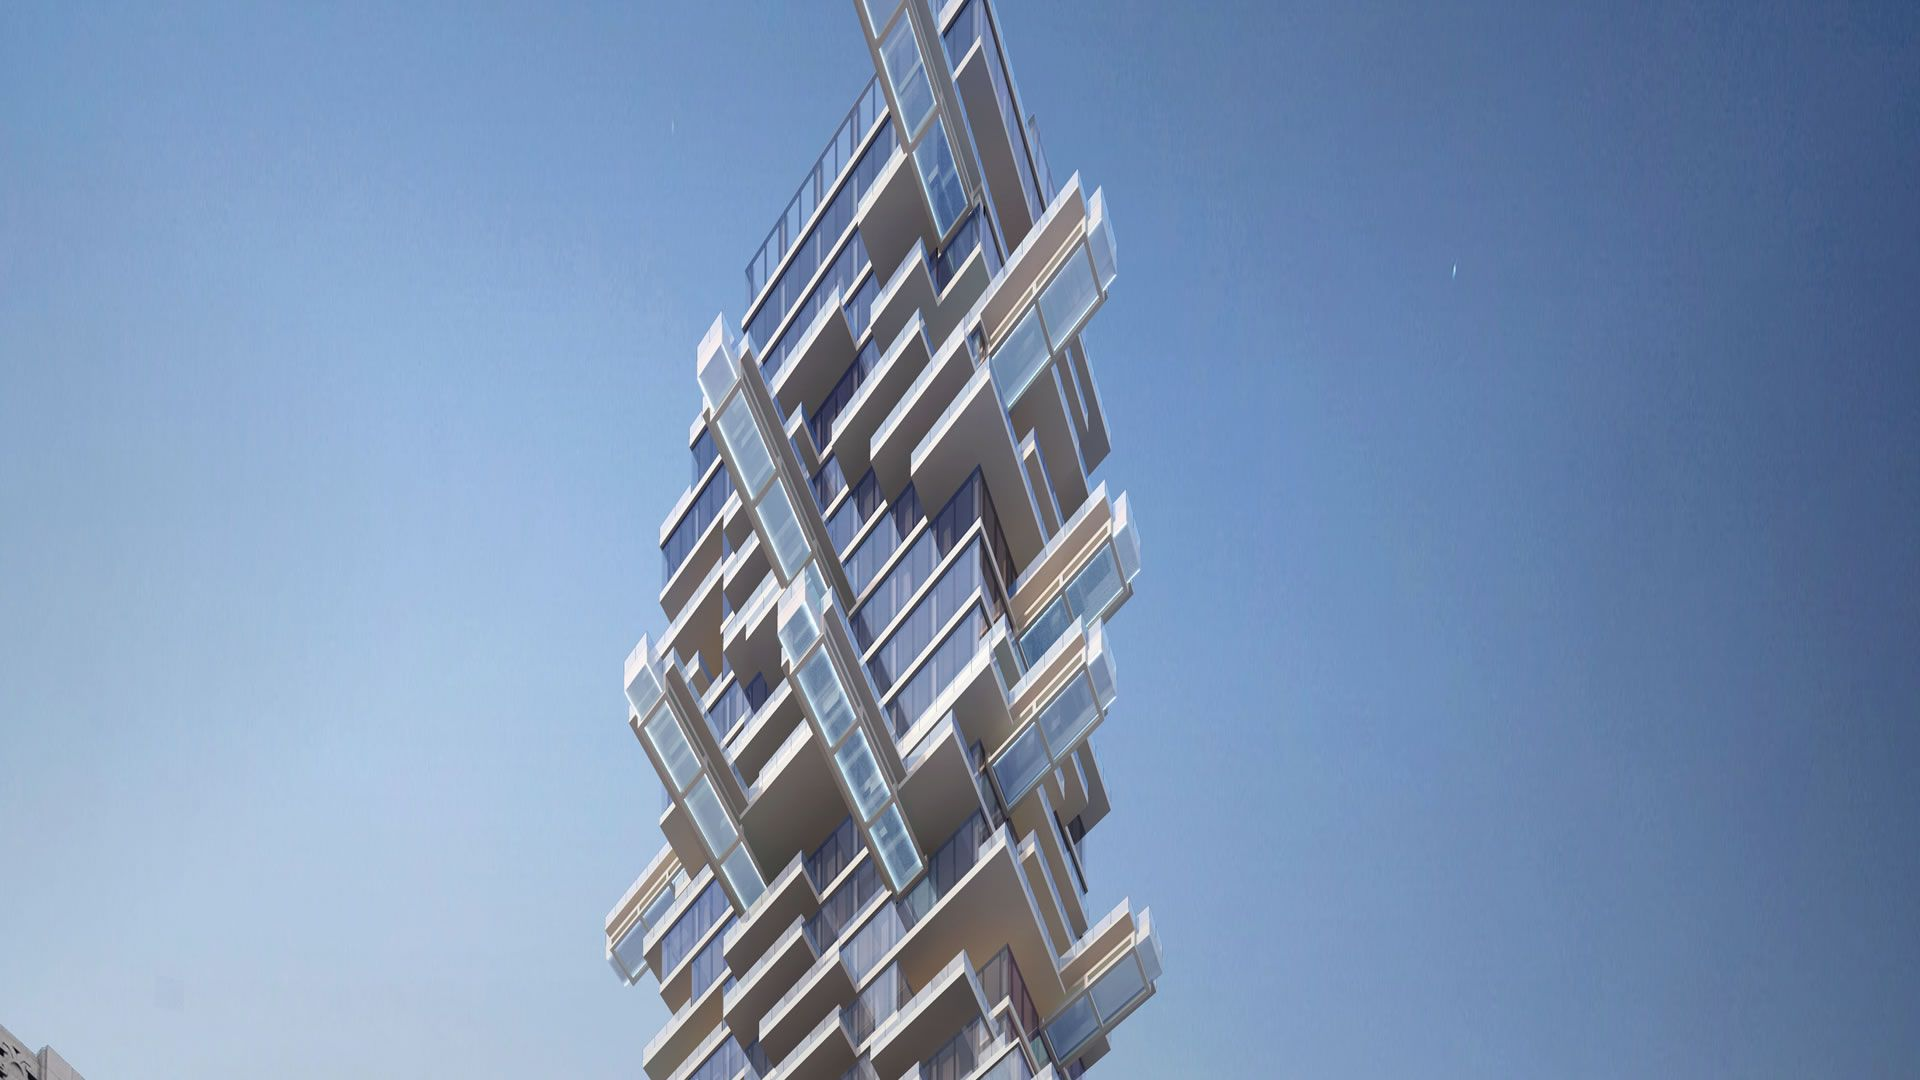 La sorprendente torre jenga que se construirá en Los Ángeles